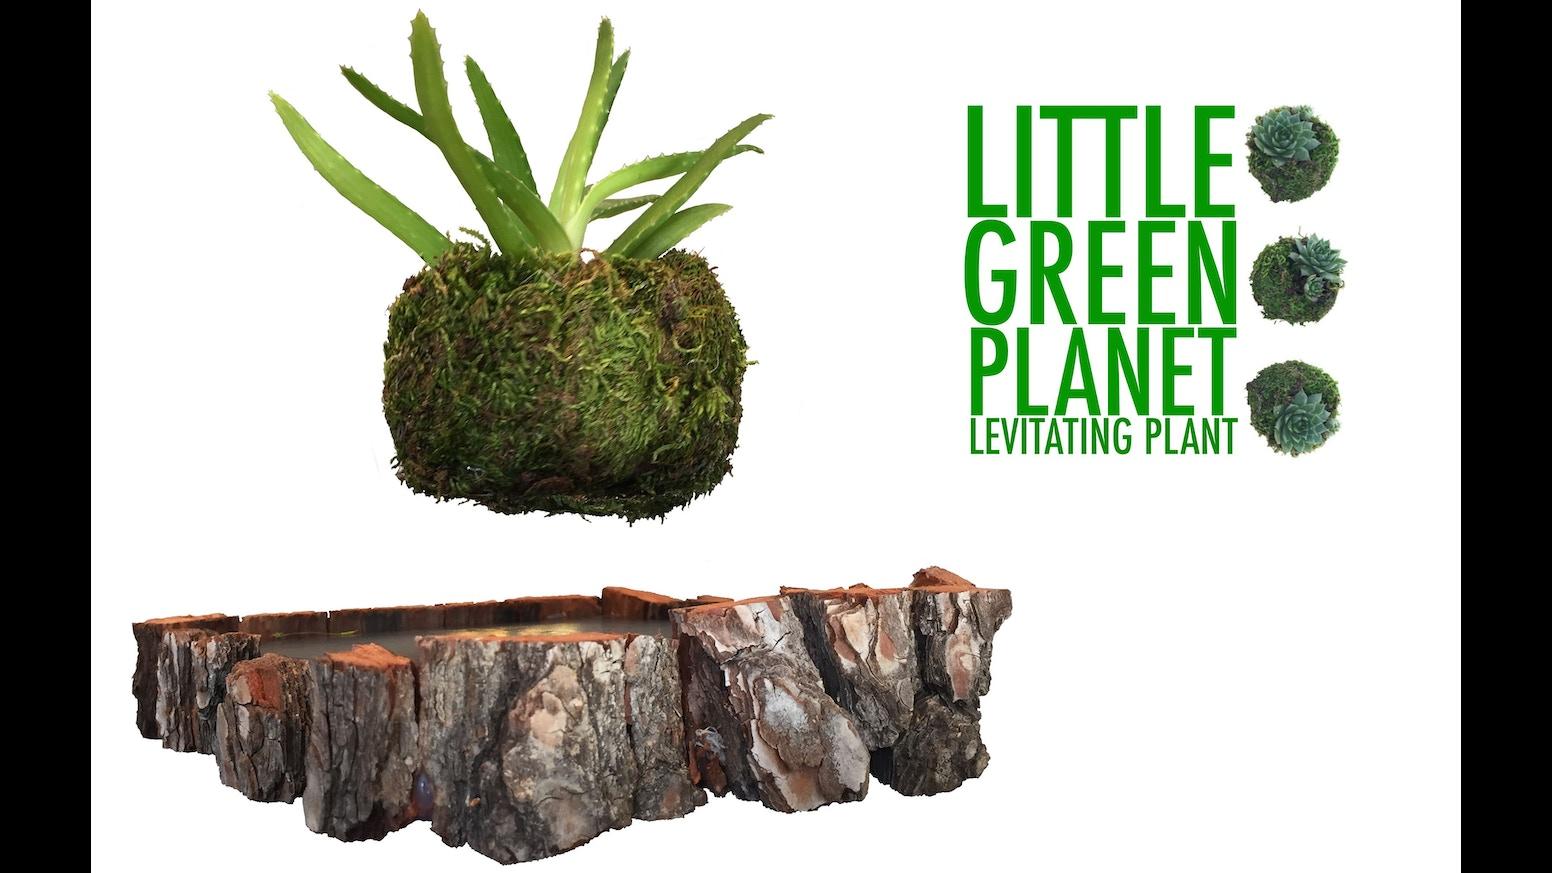 little green planet levitating air plant floating plant by desi6n devteam kickstarter. Black Bedroom Furniture Sets. Home Design Ideas